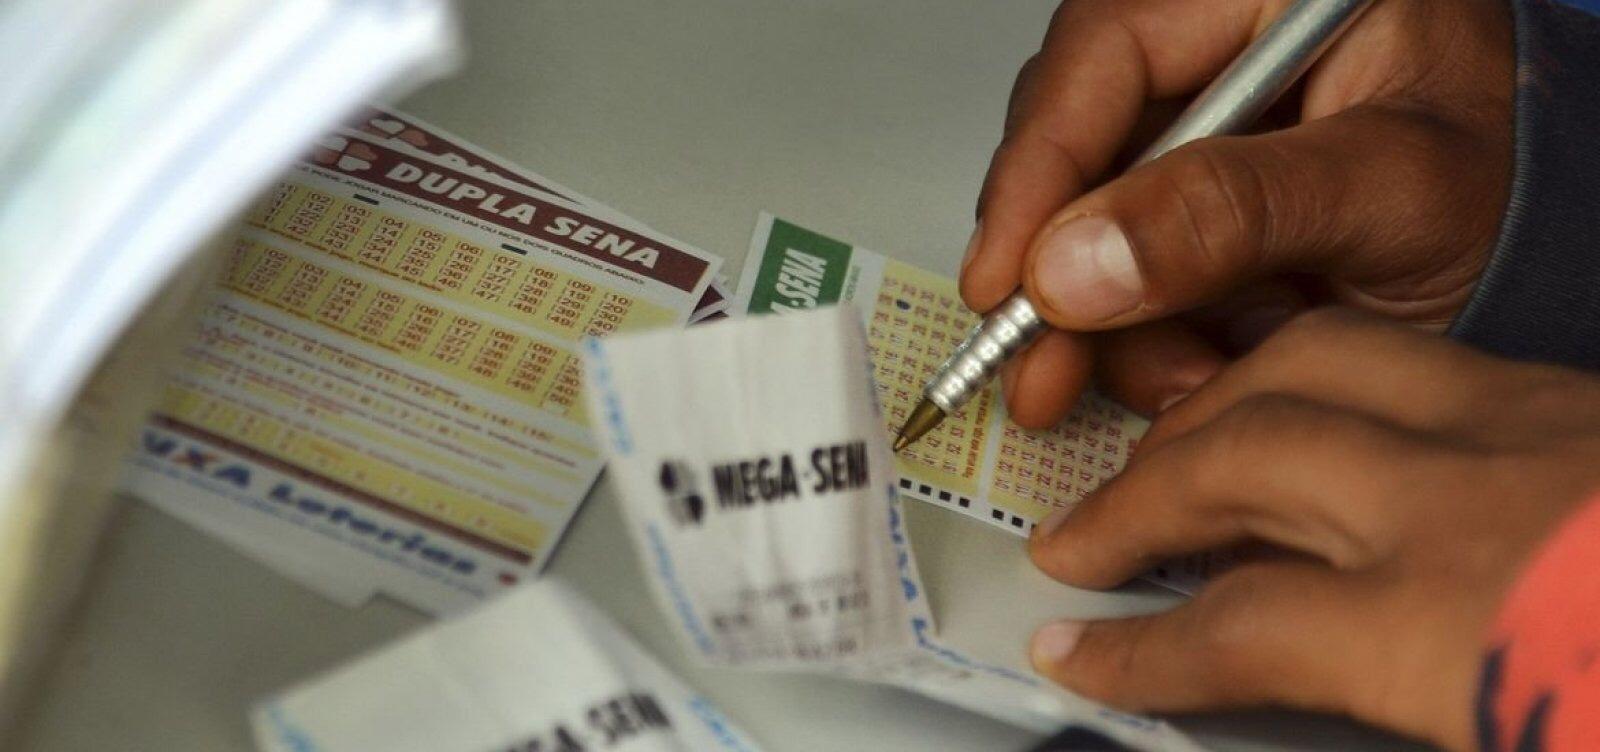 Será que sai hoje? Acumulada, Mega-Sena sorteia prêmio de R$ 200 milhões hoje